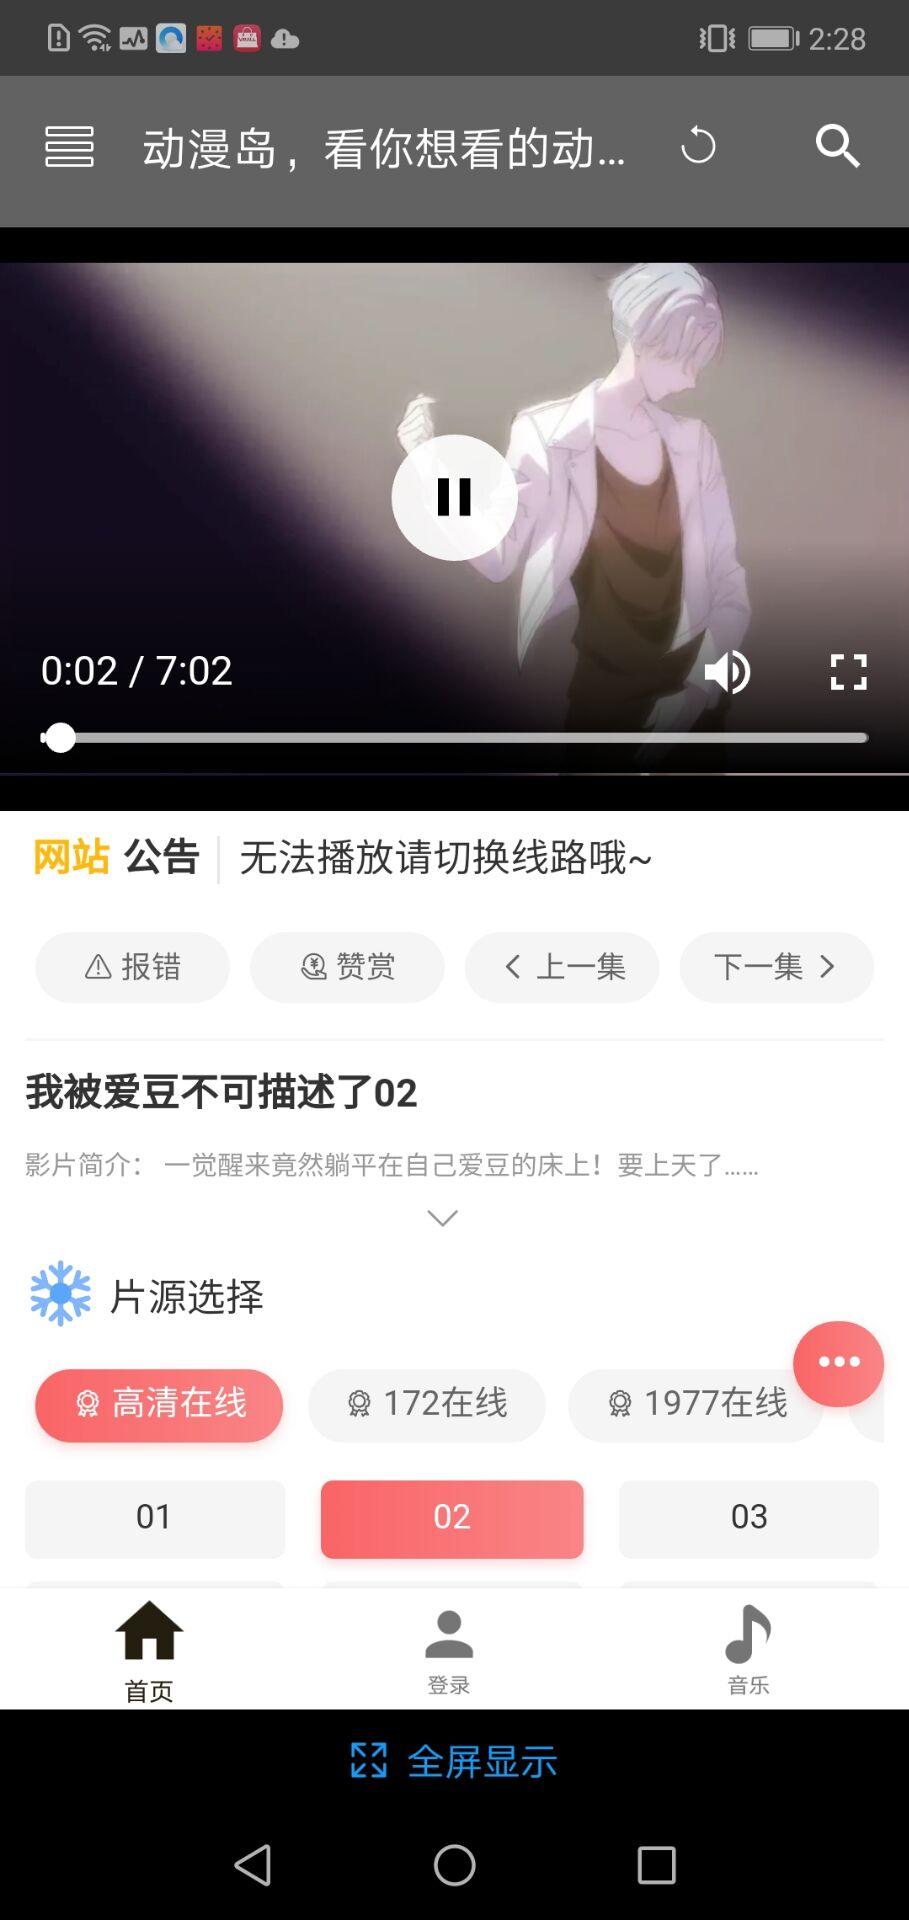 【资源分享】动漫岛-爱小助